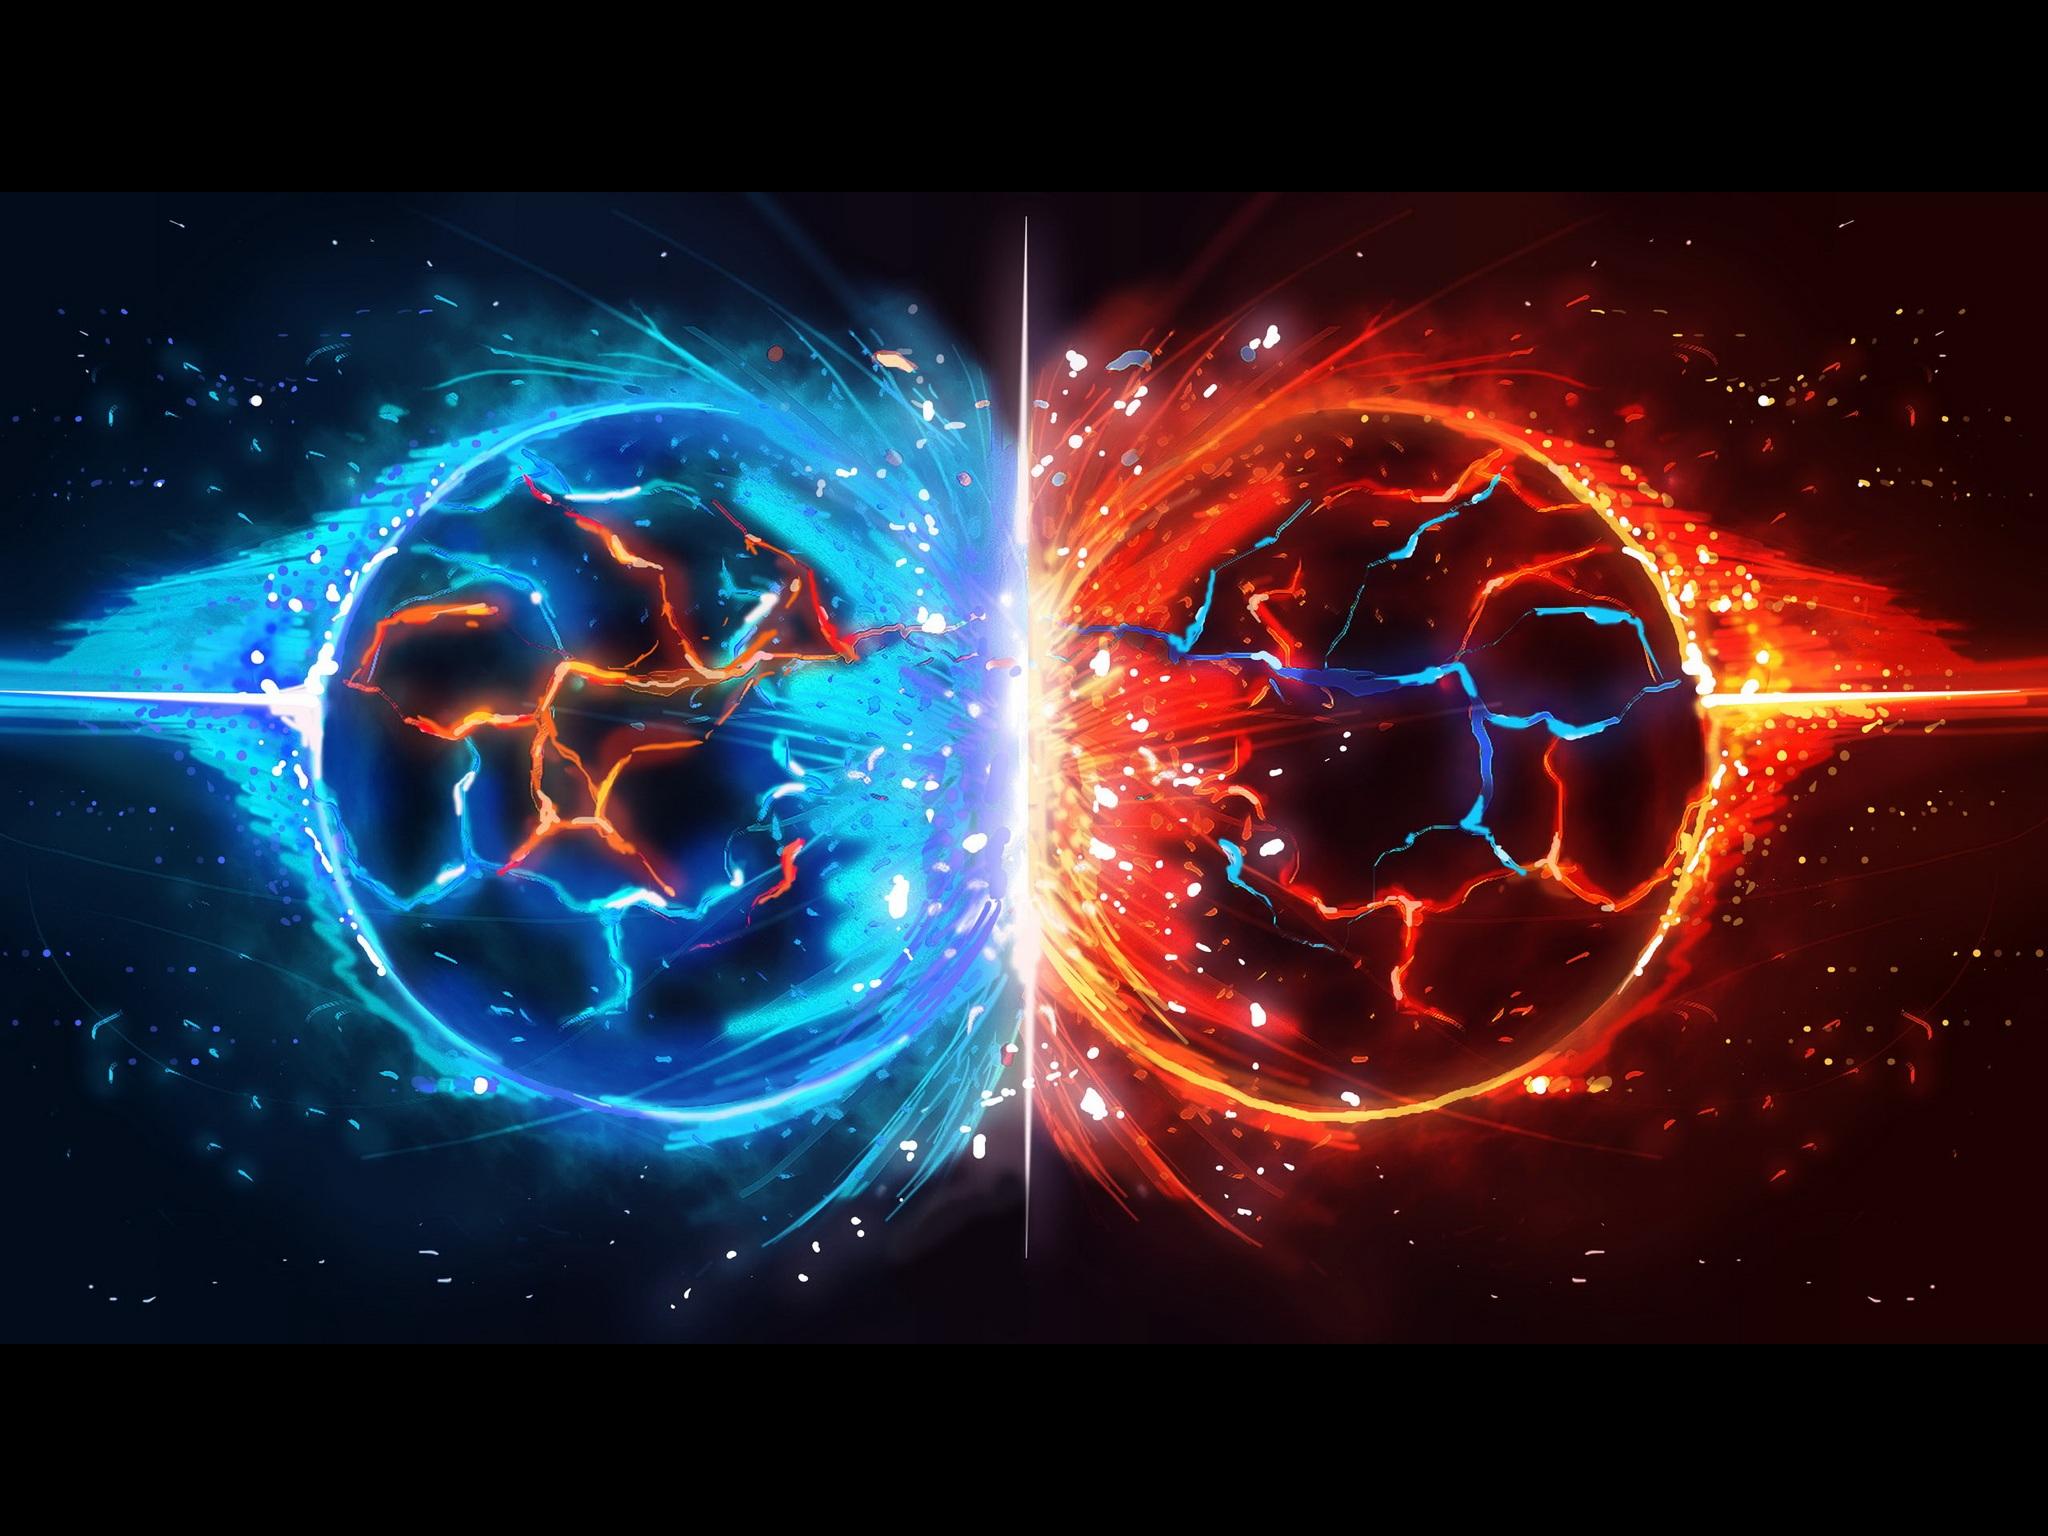 Download Clash of Elements Wallpaper 2048x1536 Wallpoper 229388 2048x1536